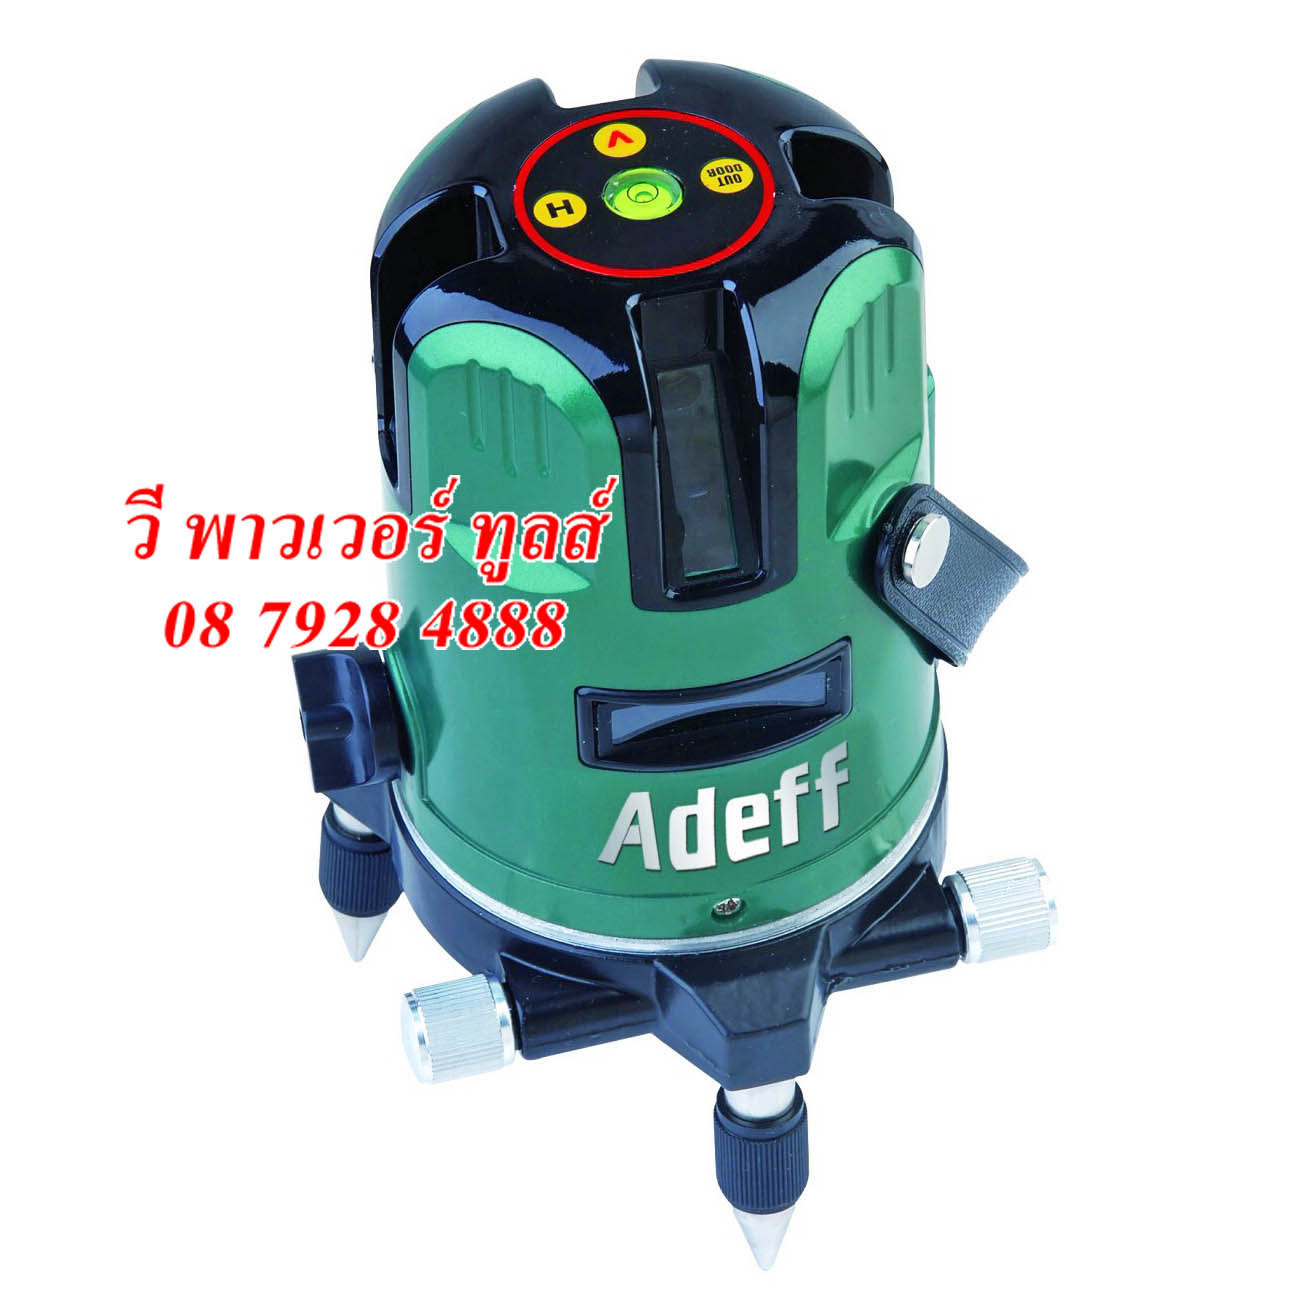 ADEFF เครื่องวัดระดับเลเซอร์ รุ่น R-V5 ( ถ่านAA x3ก้อน ) พร้อมขาตั้ง * เลิกนำเข้า *